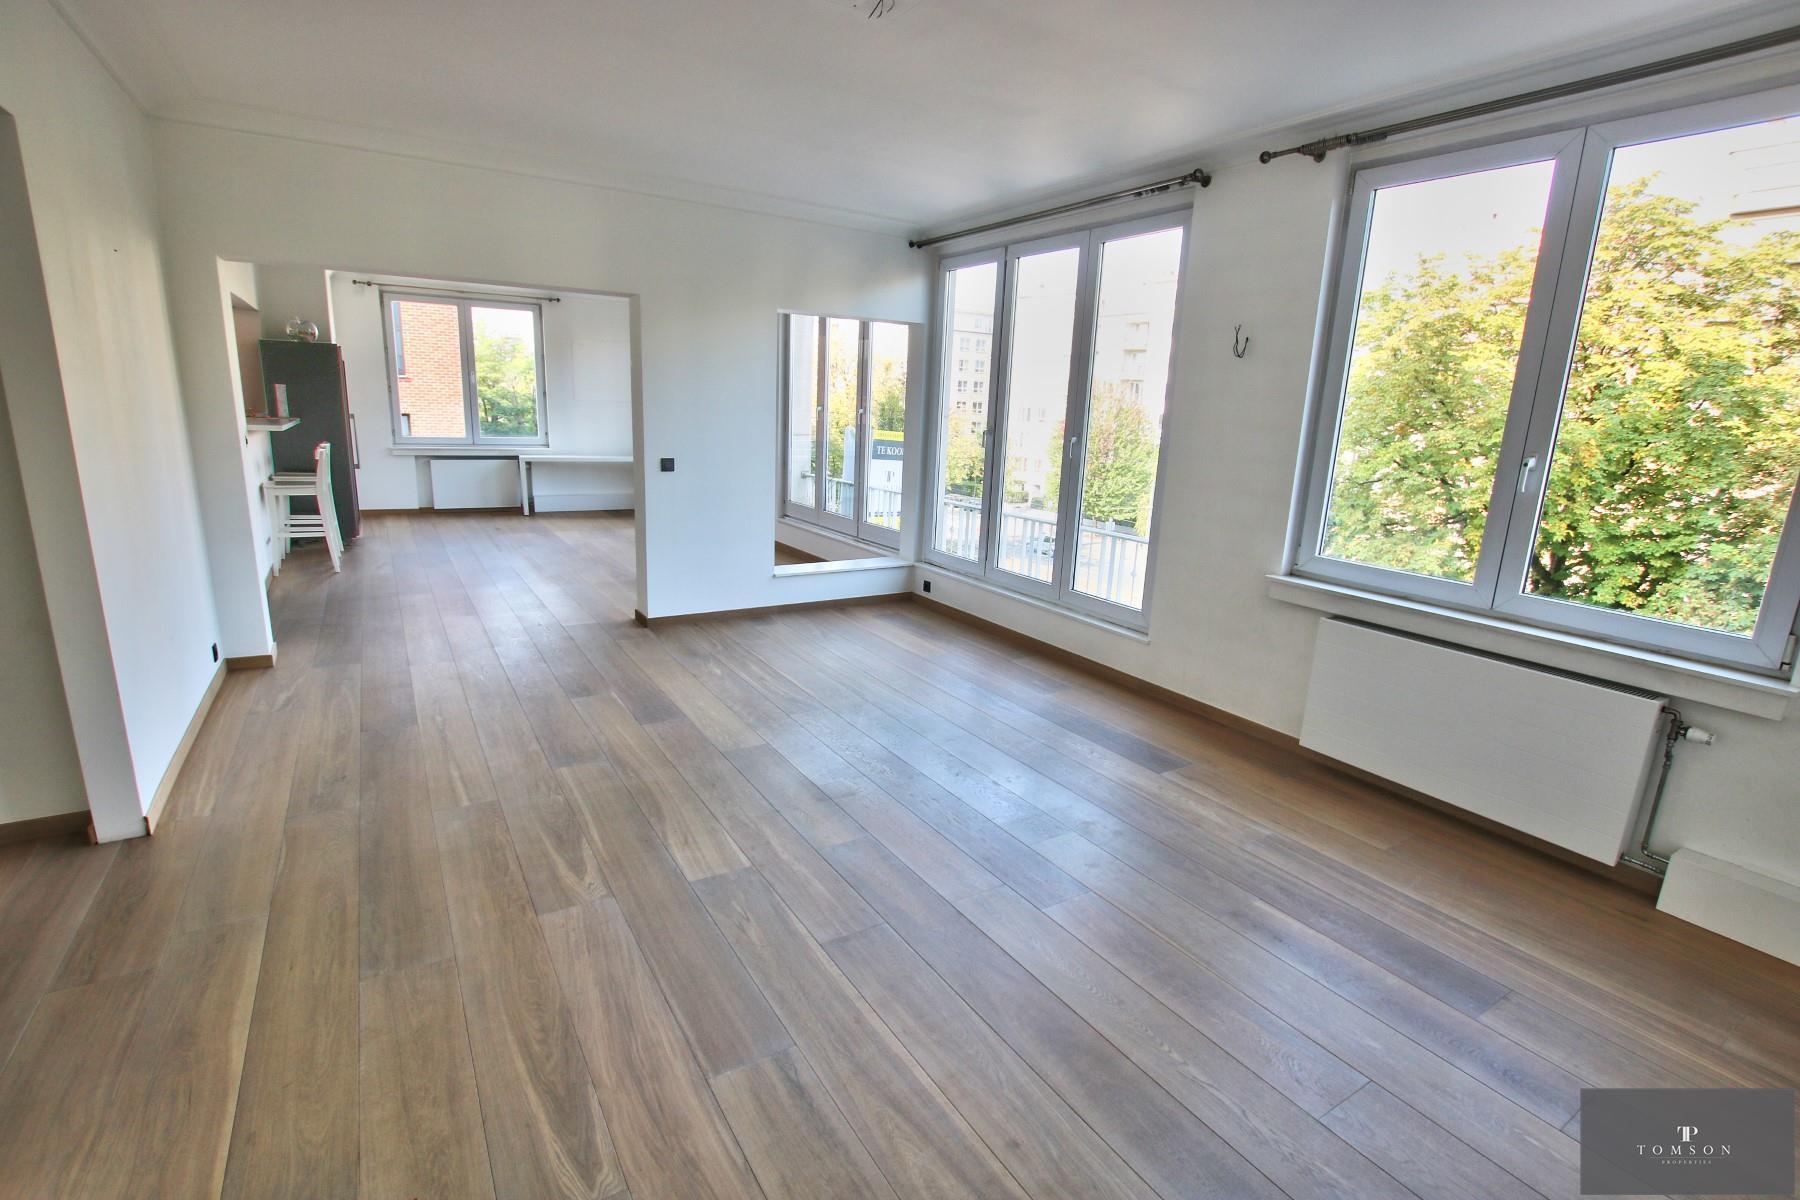 Appartement - Etterbeek - #4304367-1